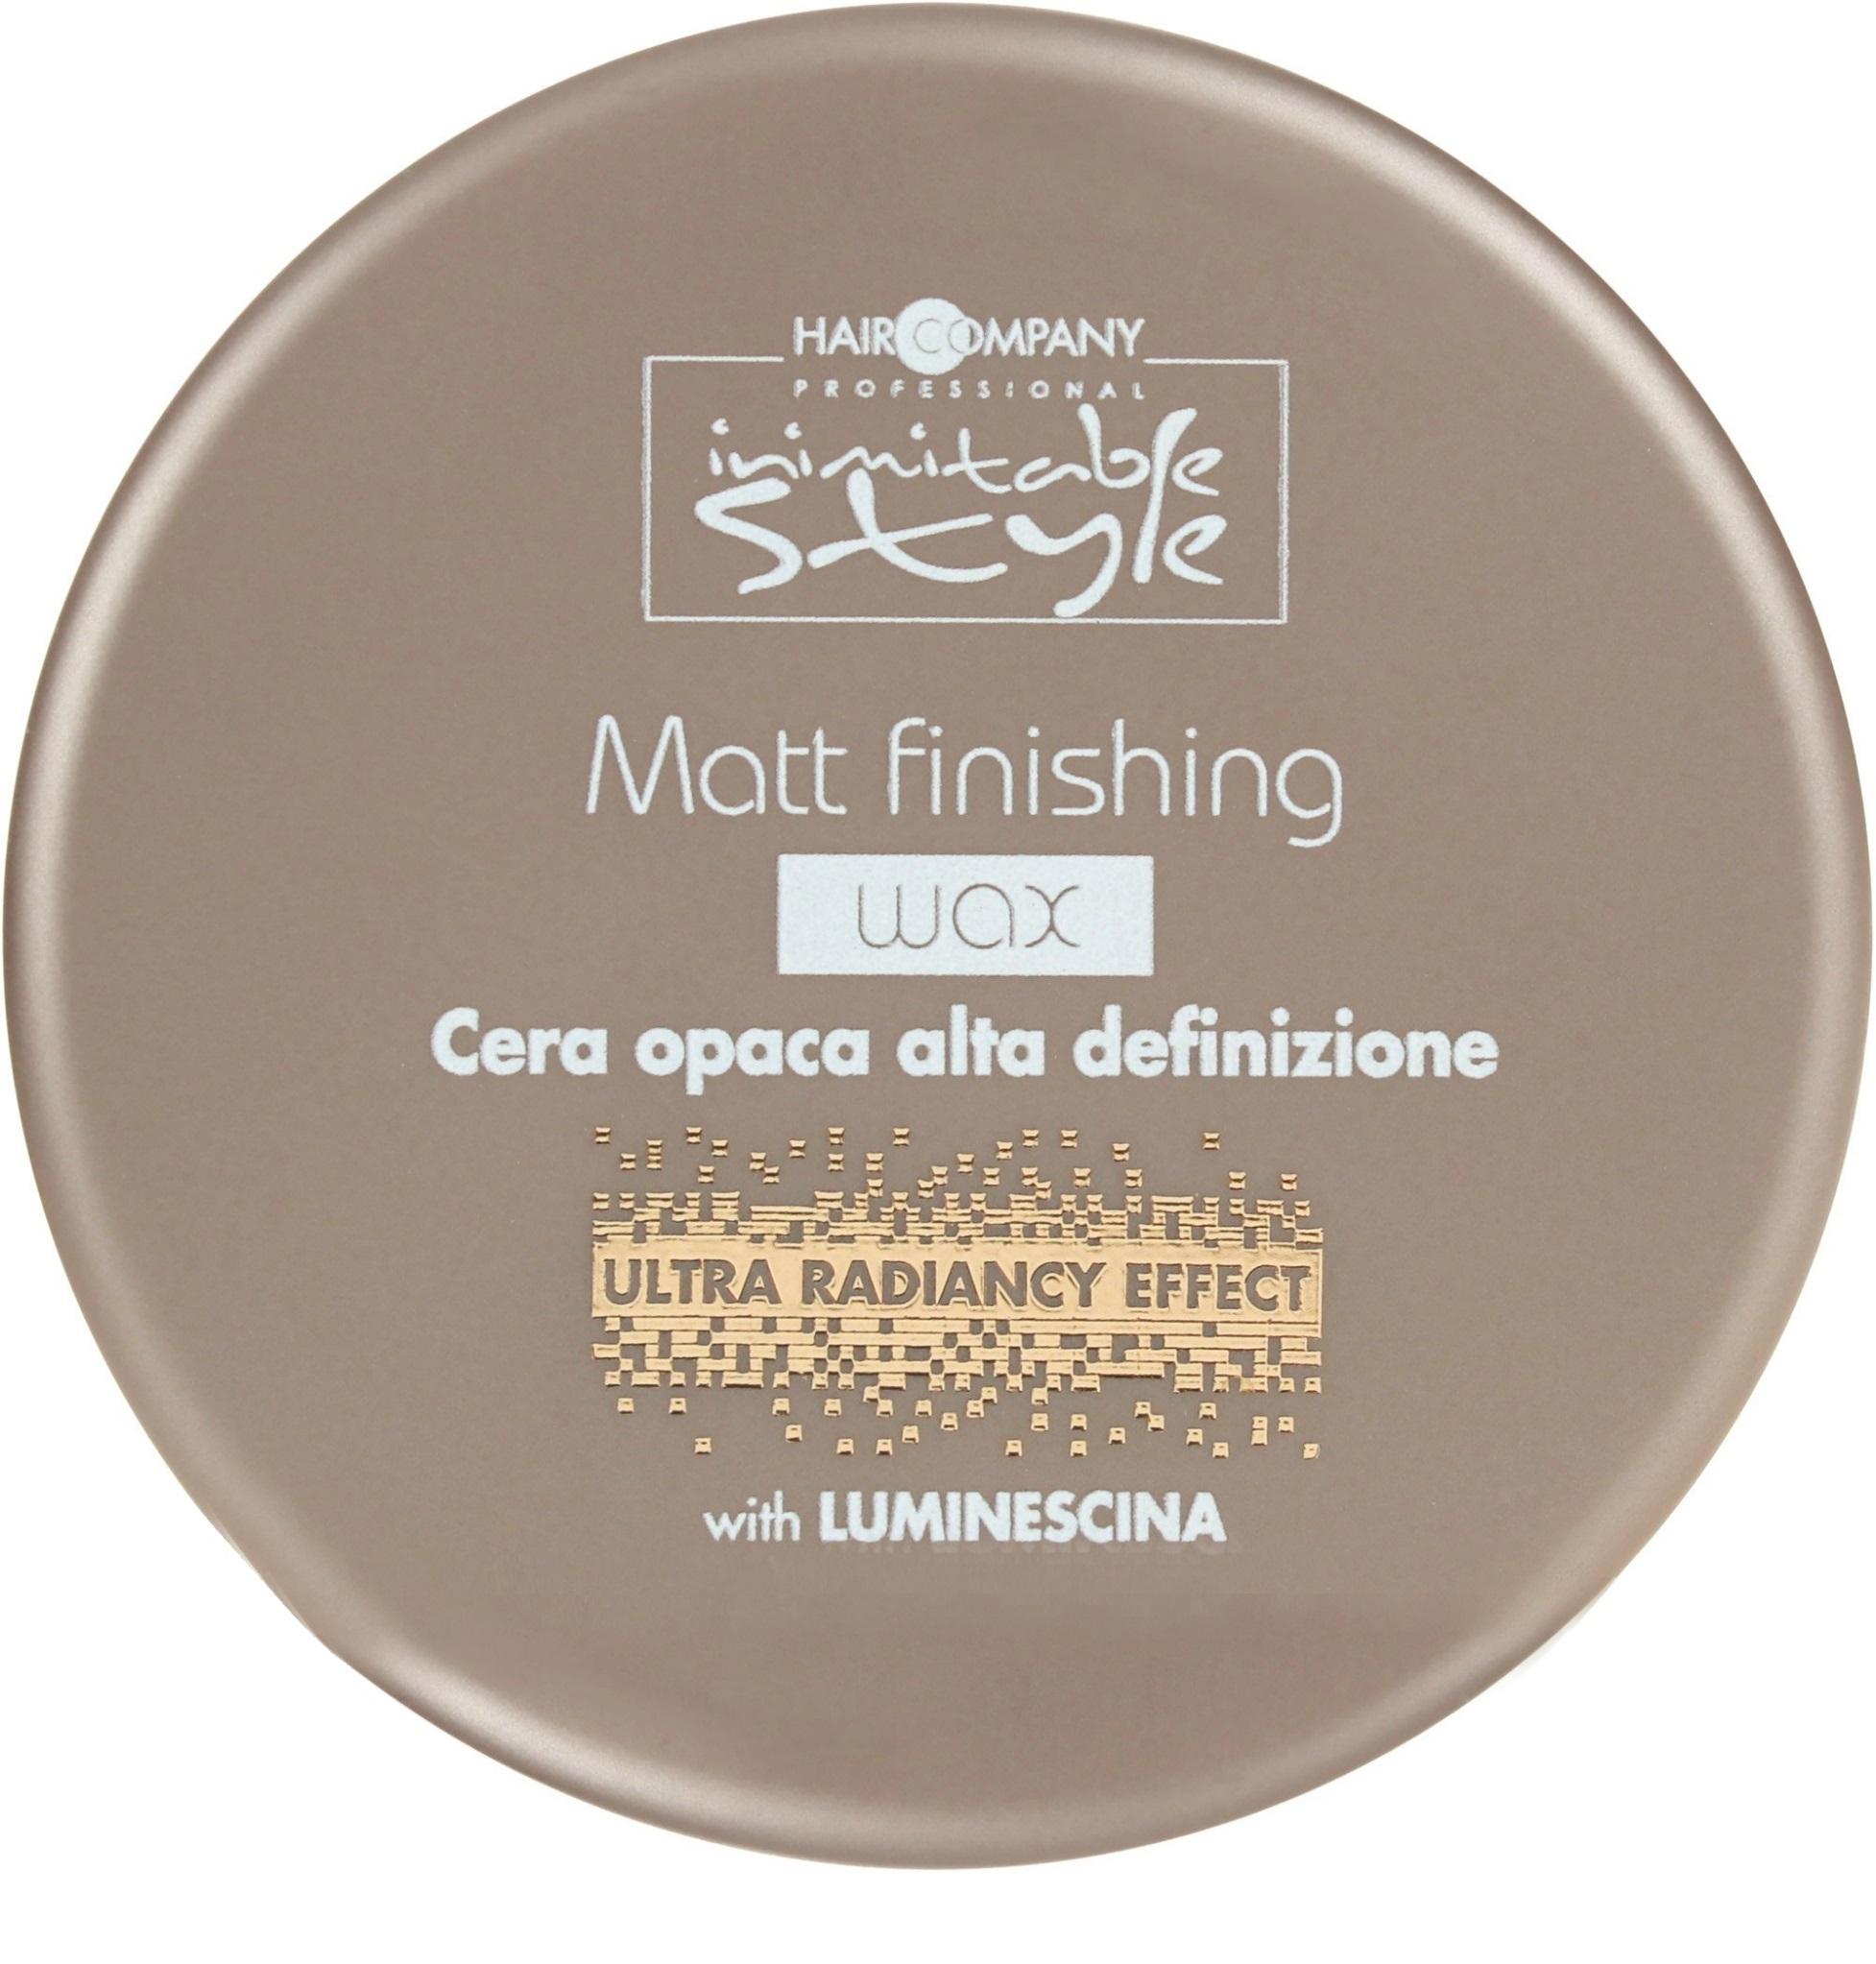 воск с матовым эффектом для укладки волос isoft matt clay wax 100 мл HAIR COMPANY Воск Matt Finishing Wax Завершающий с Матовым Эффектом, 100 мл